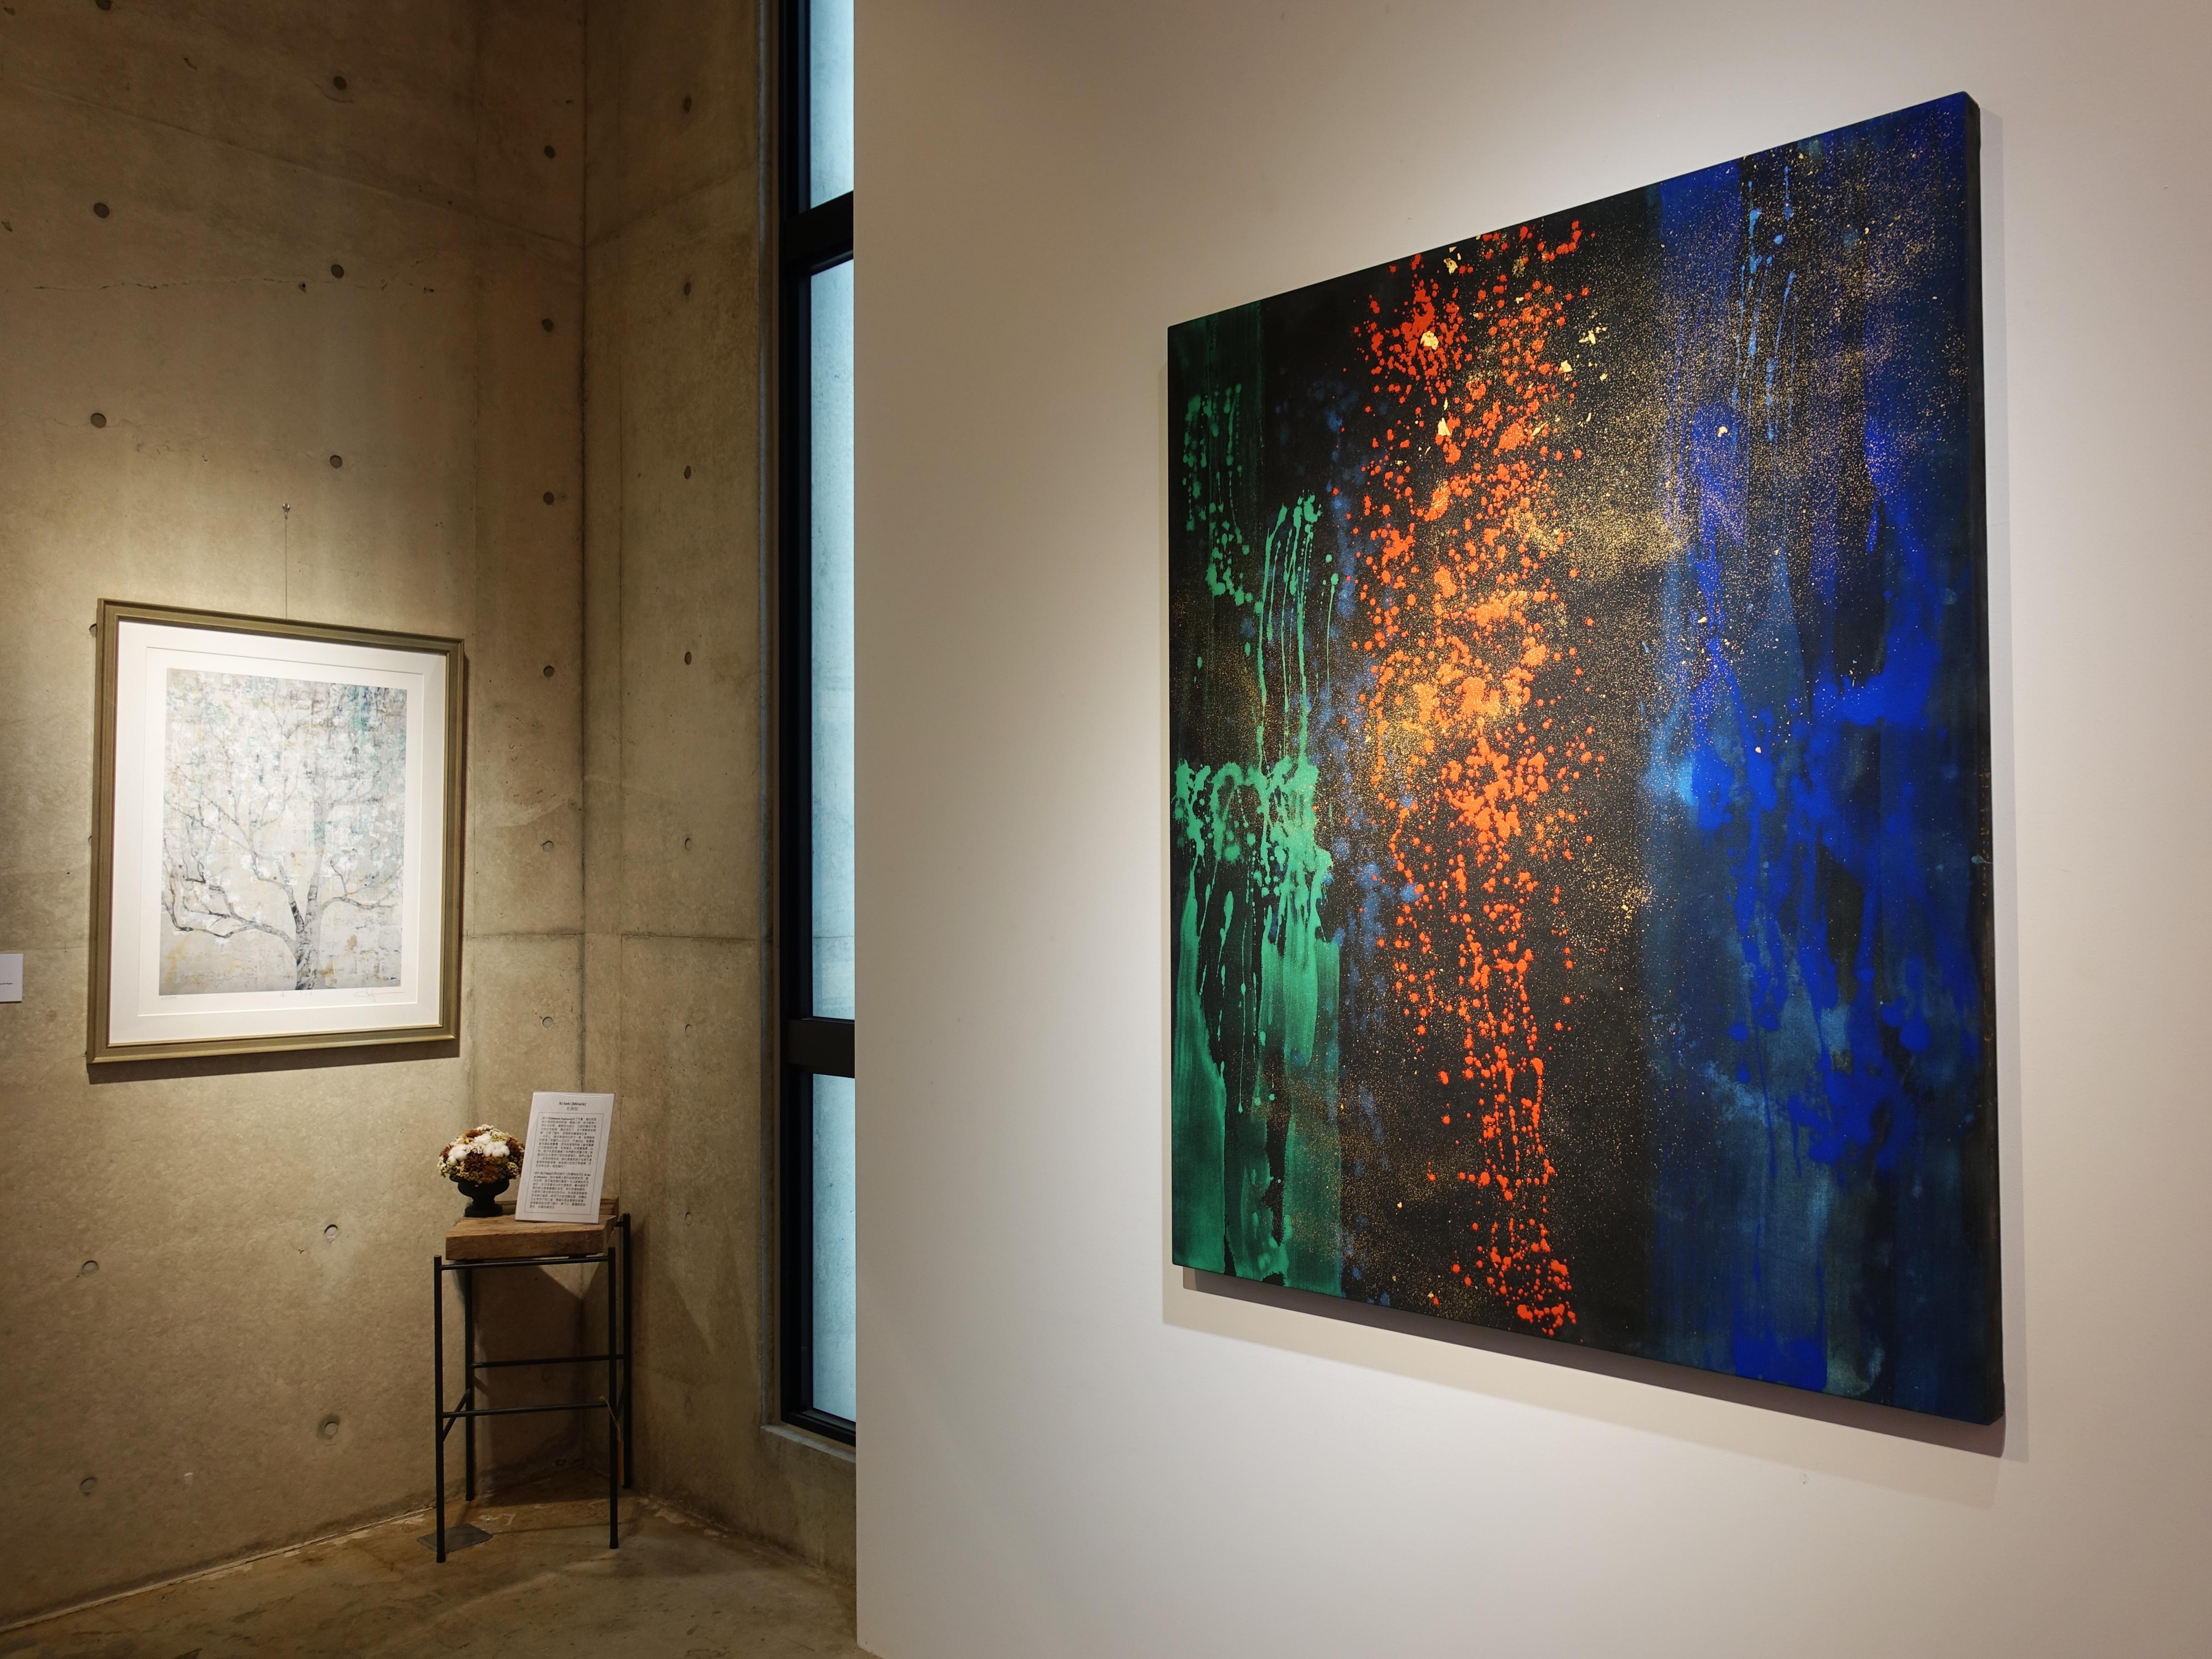 正藝美學展出日本藝術家藤村真-新作精選展。